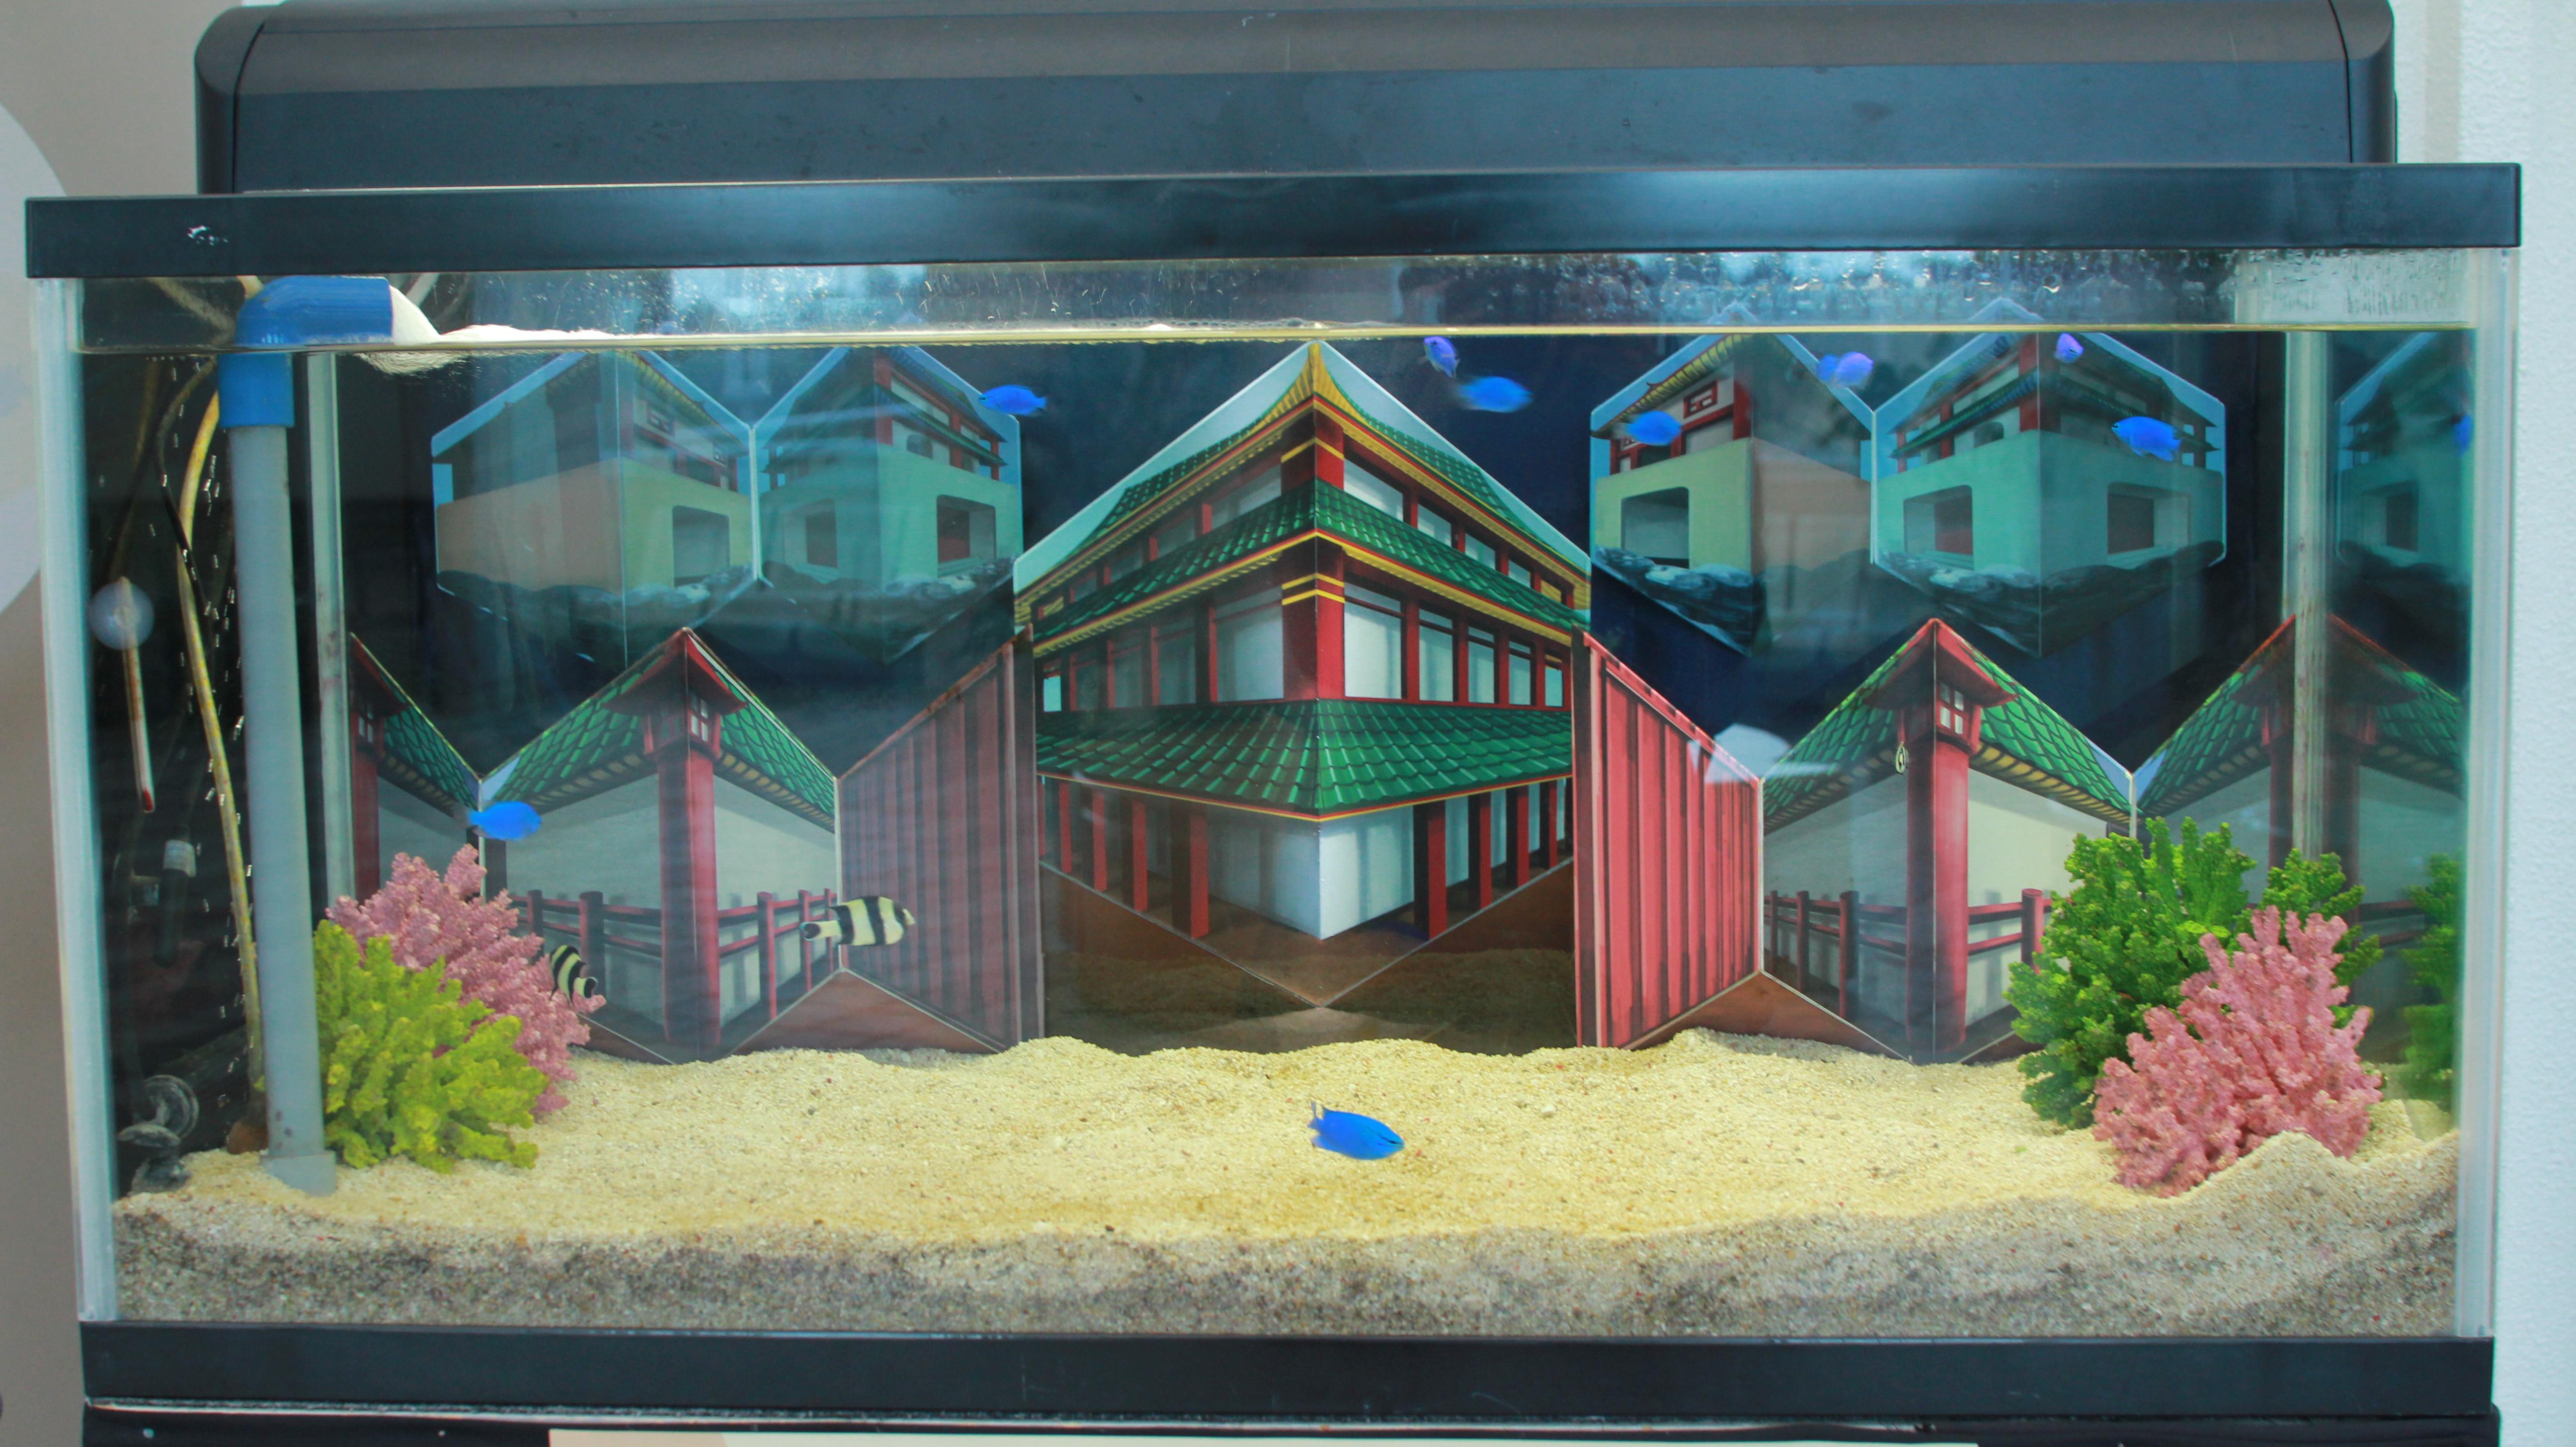 マリンワールド トリックアート水槽展